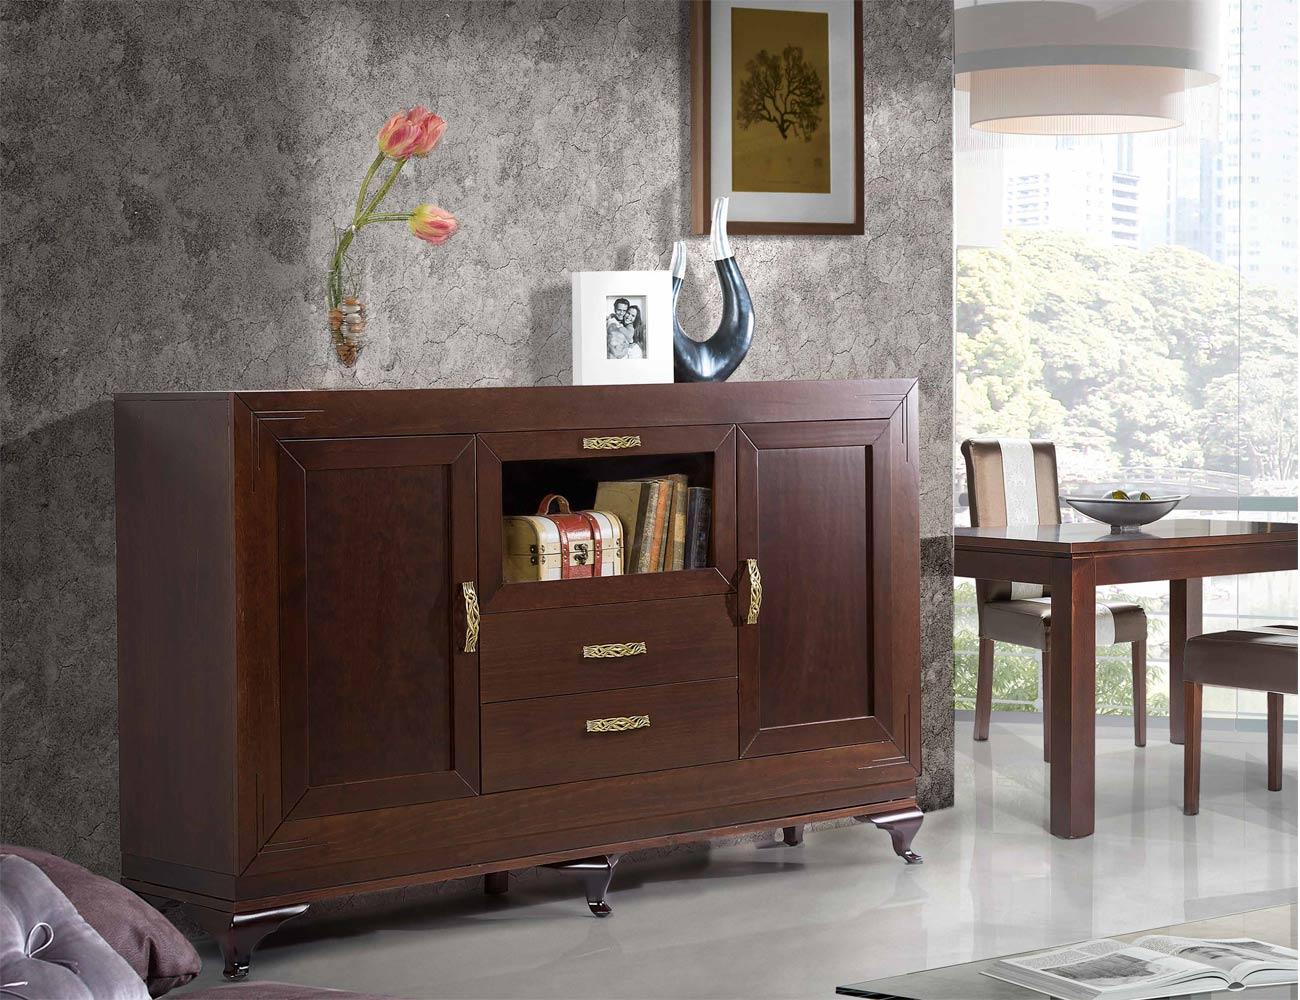 Composicion 11 mueble salon comedor vitrina aparador silla mesa2